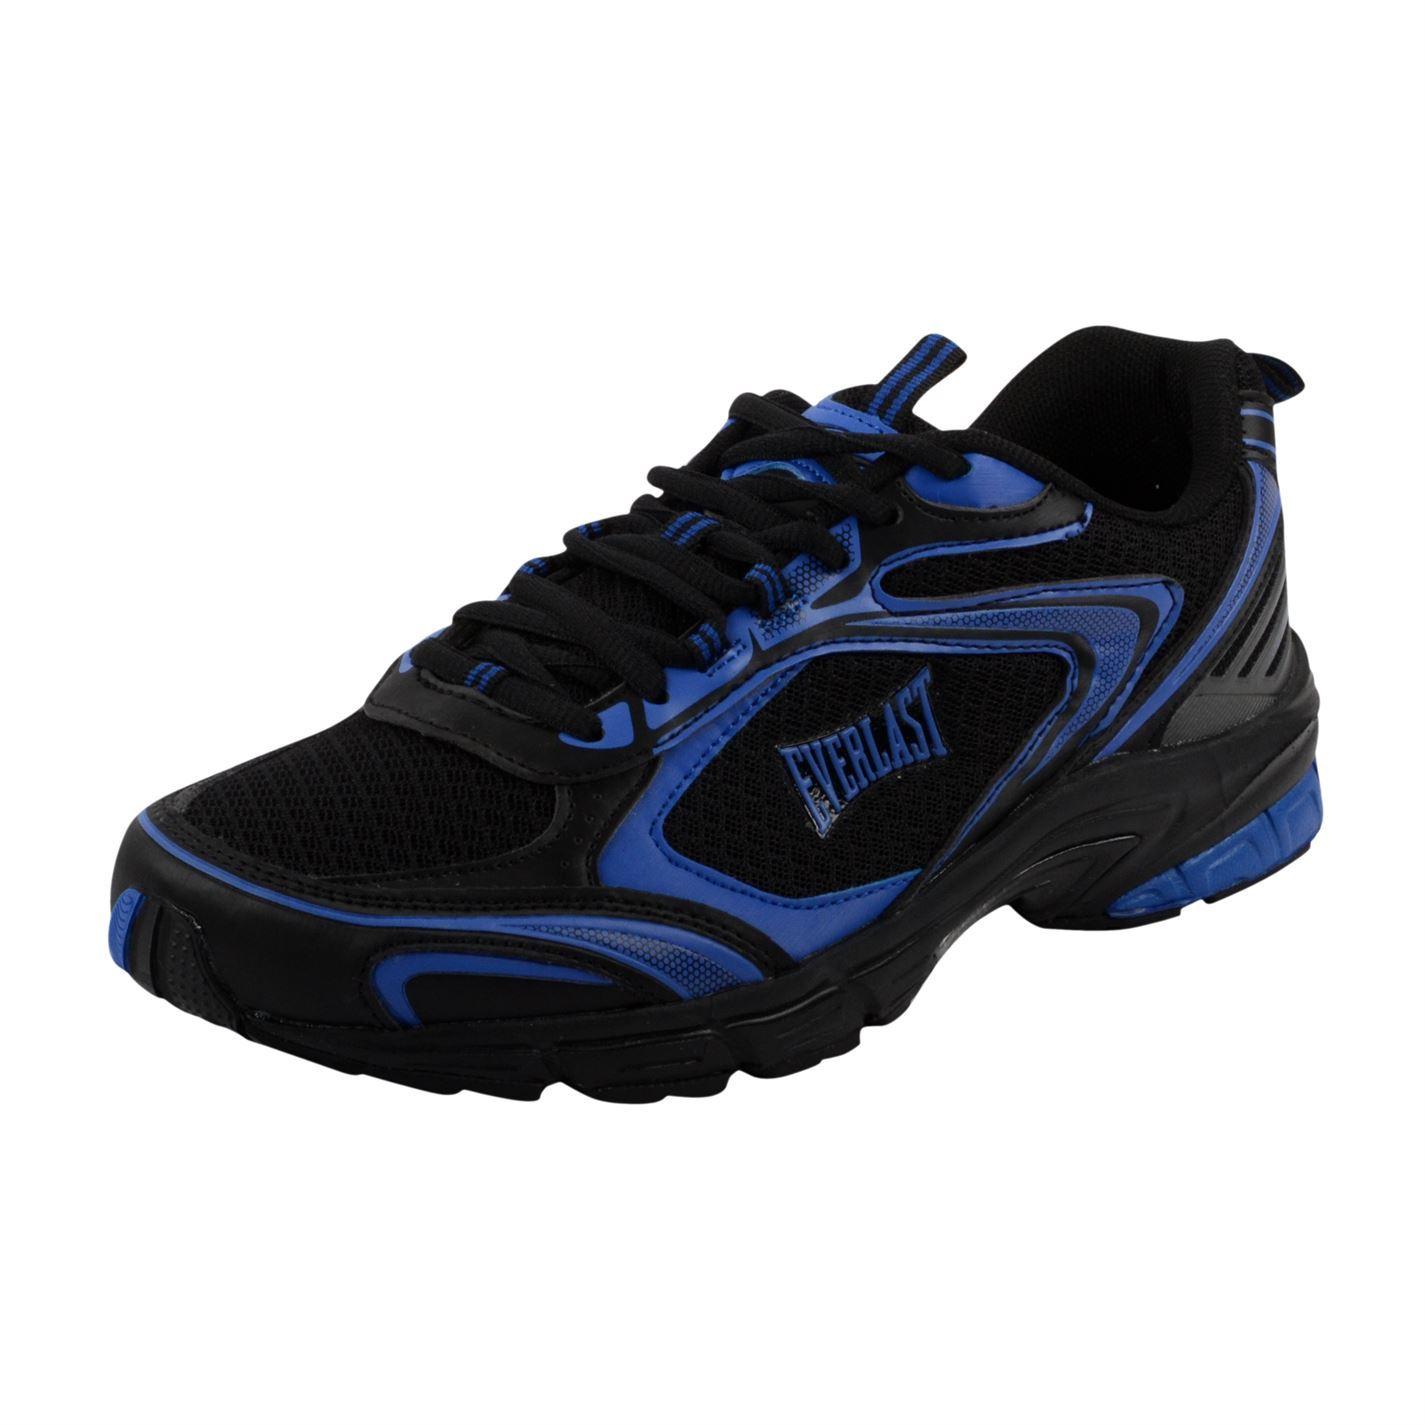 E Bay Mens Everlast Shoes